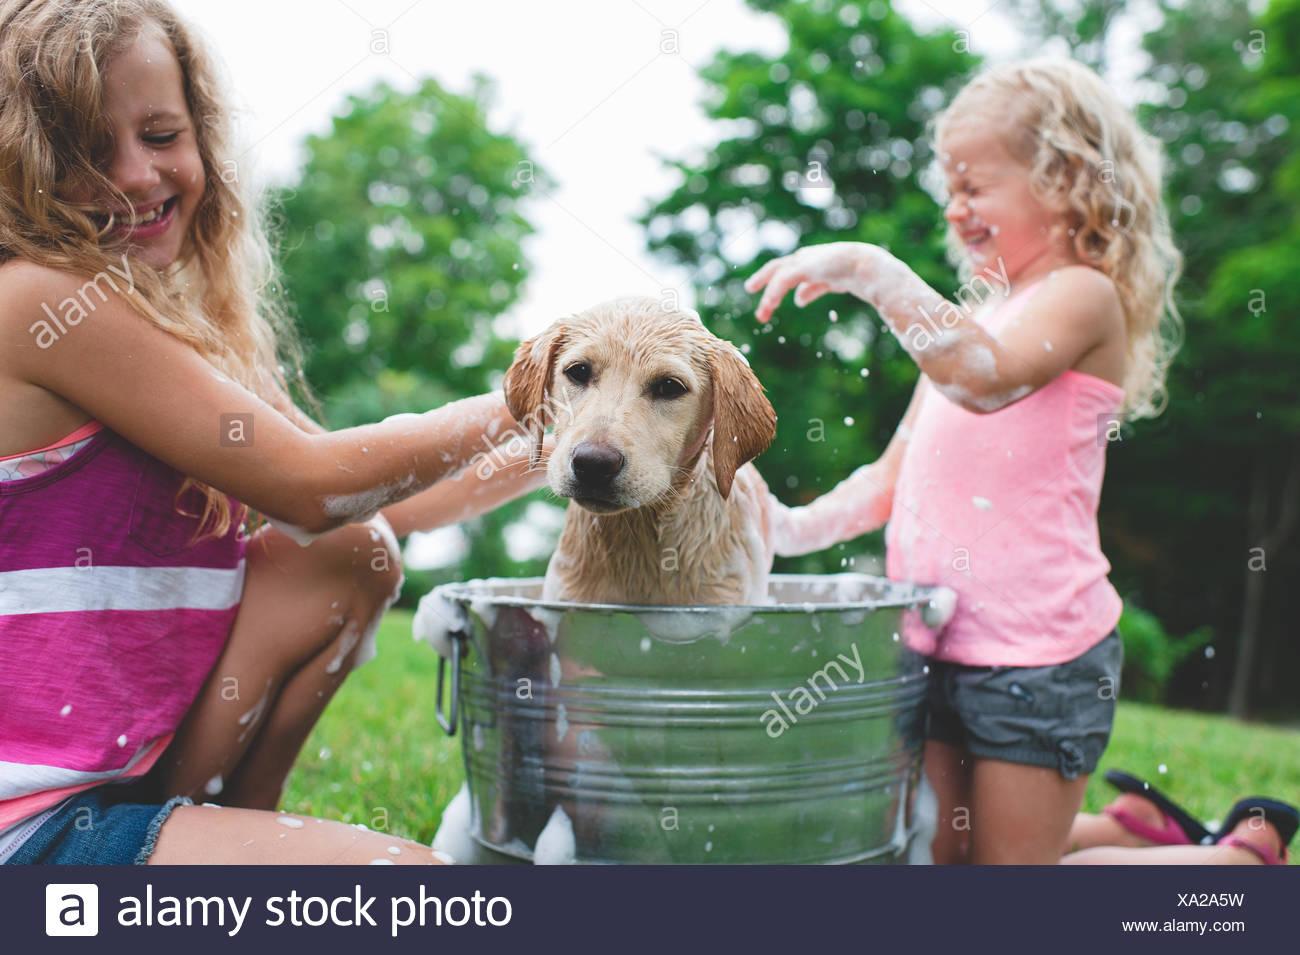 Il Labrador Retriever puppy in scuotimento della benna bagno d'acqua a sorelle Immagini Stock